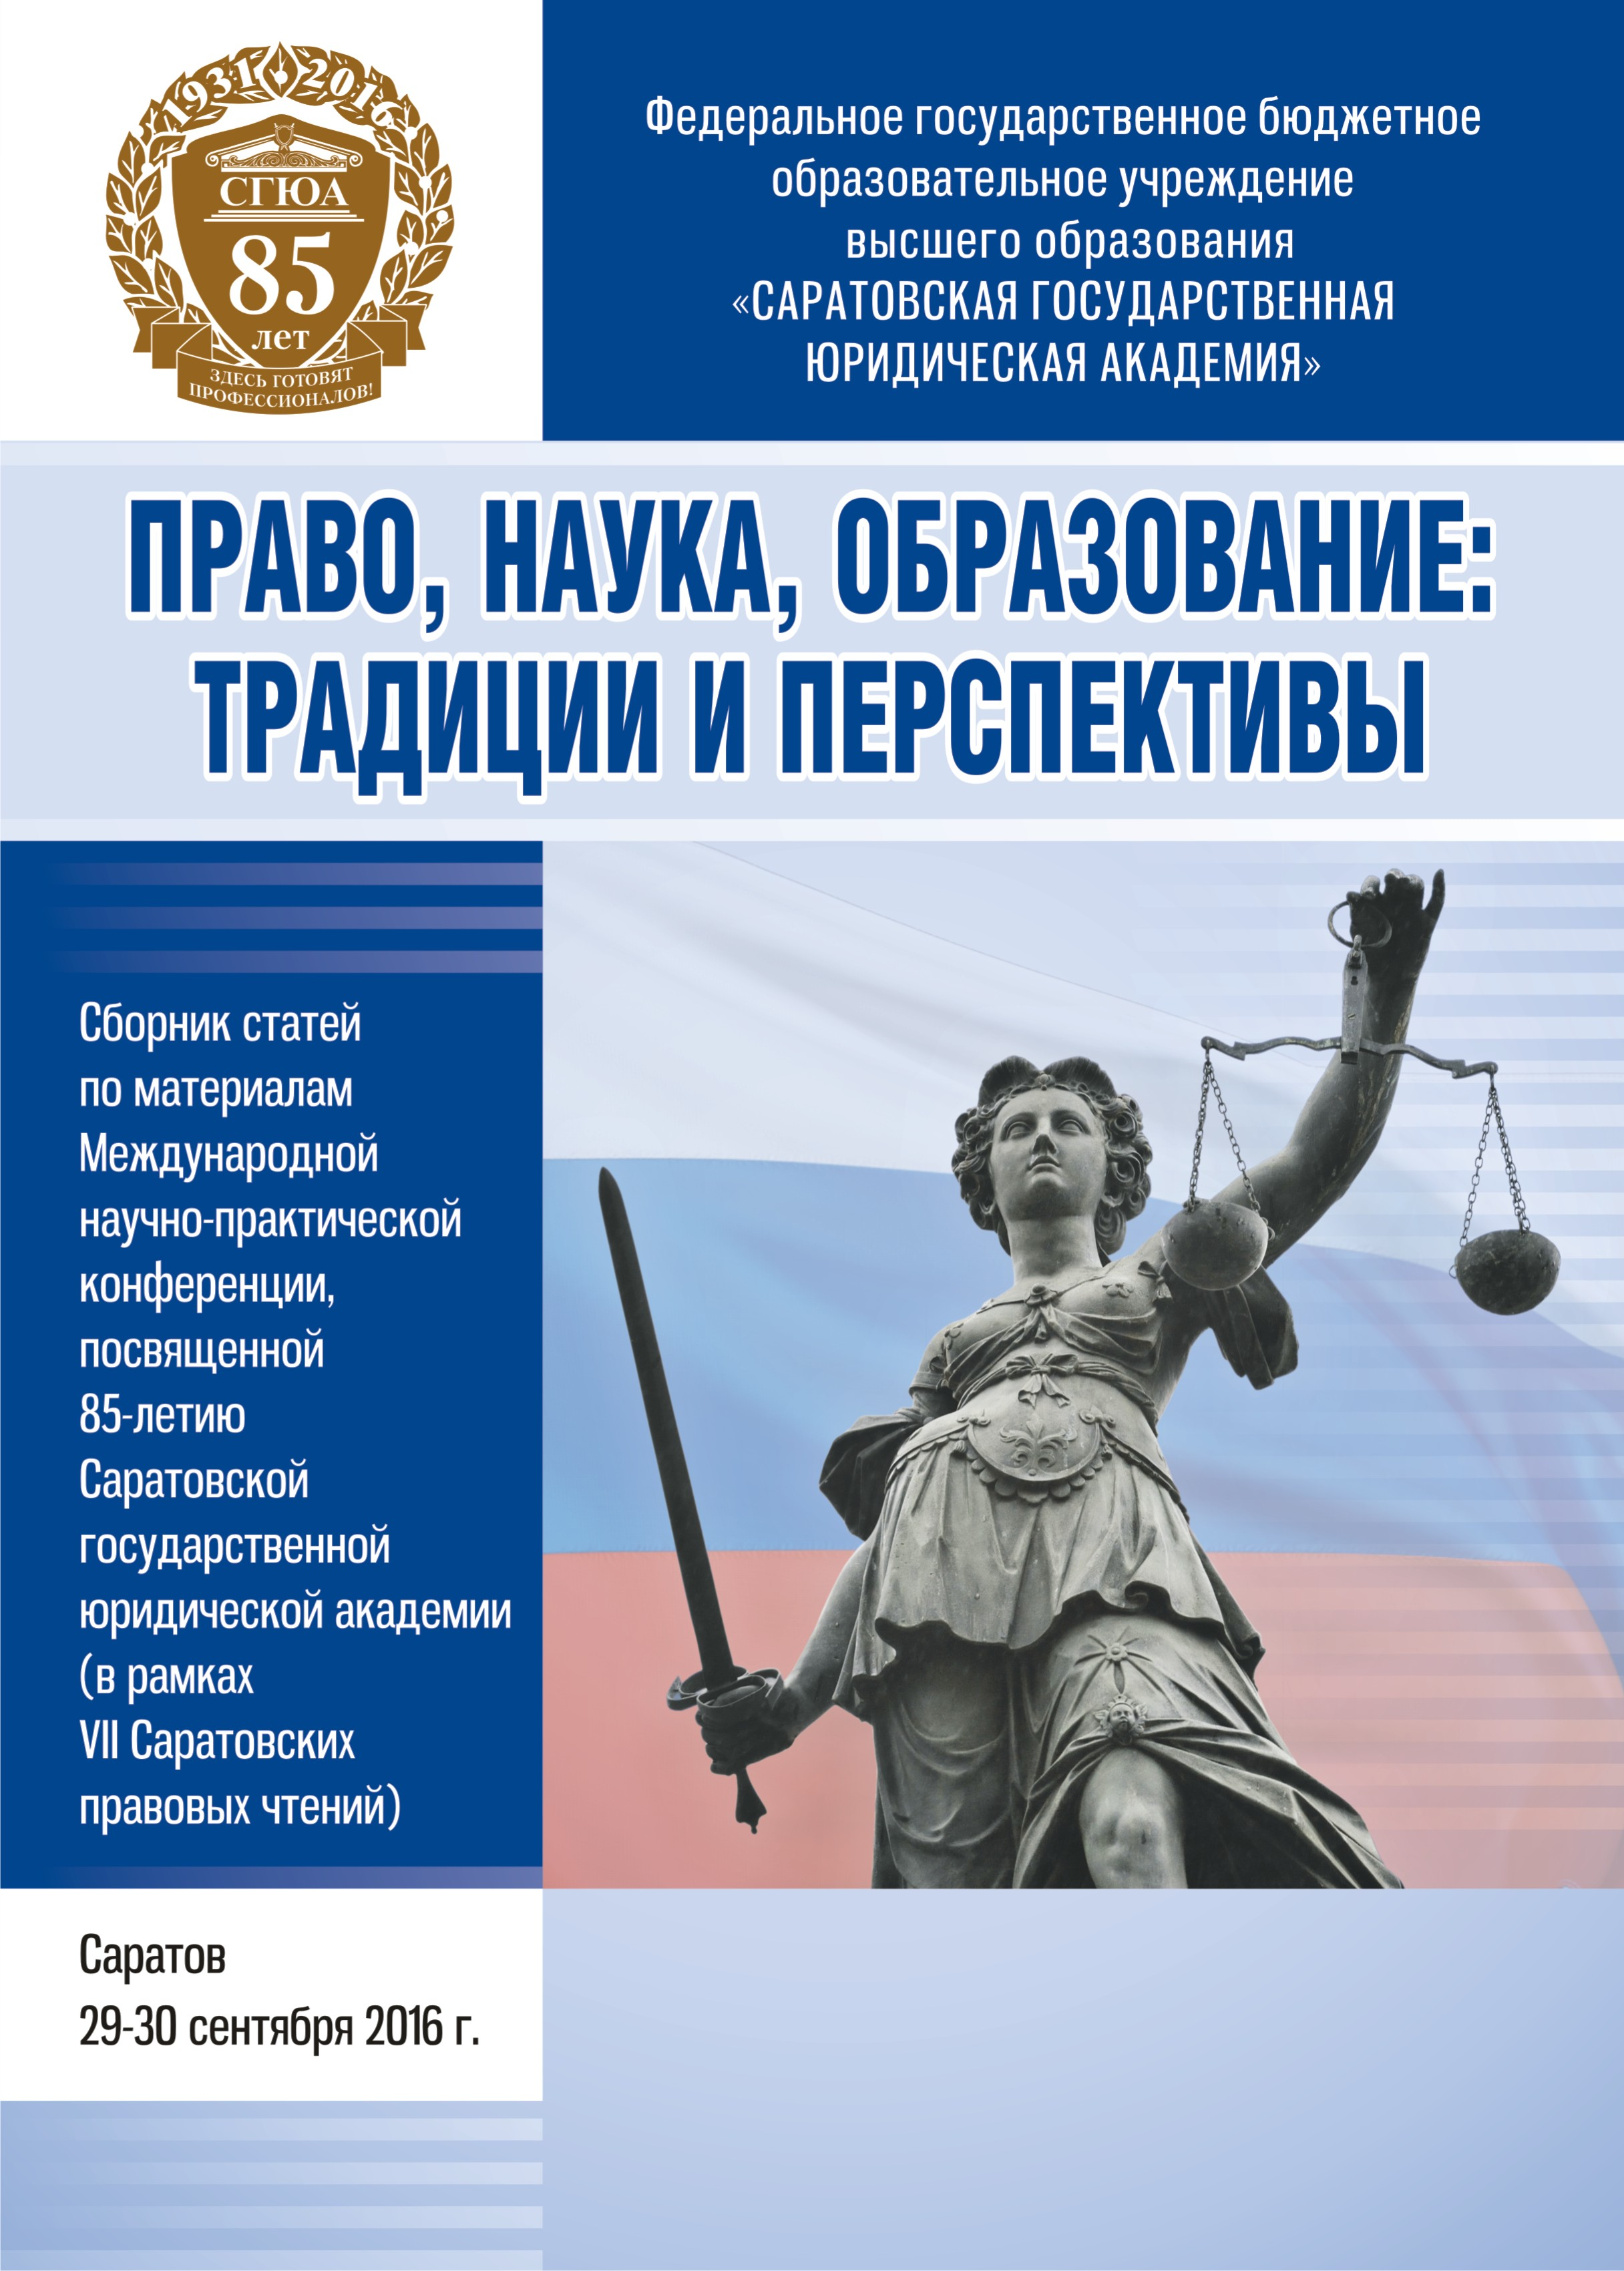 Слово безграничность употреблялось смысле отрицания границ между странами членами евразийского